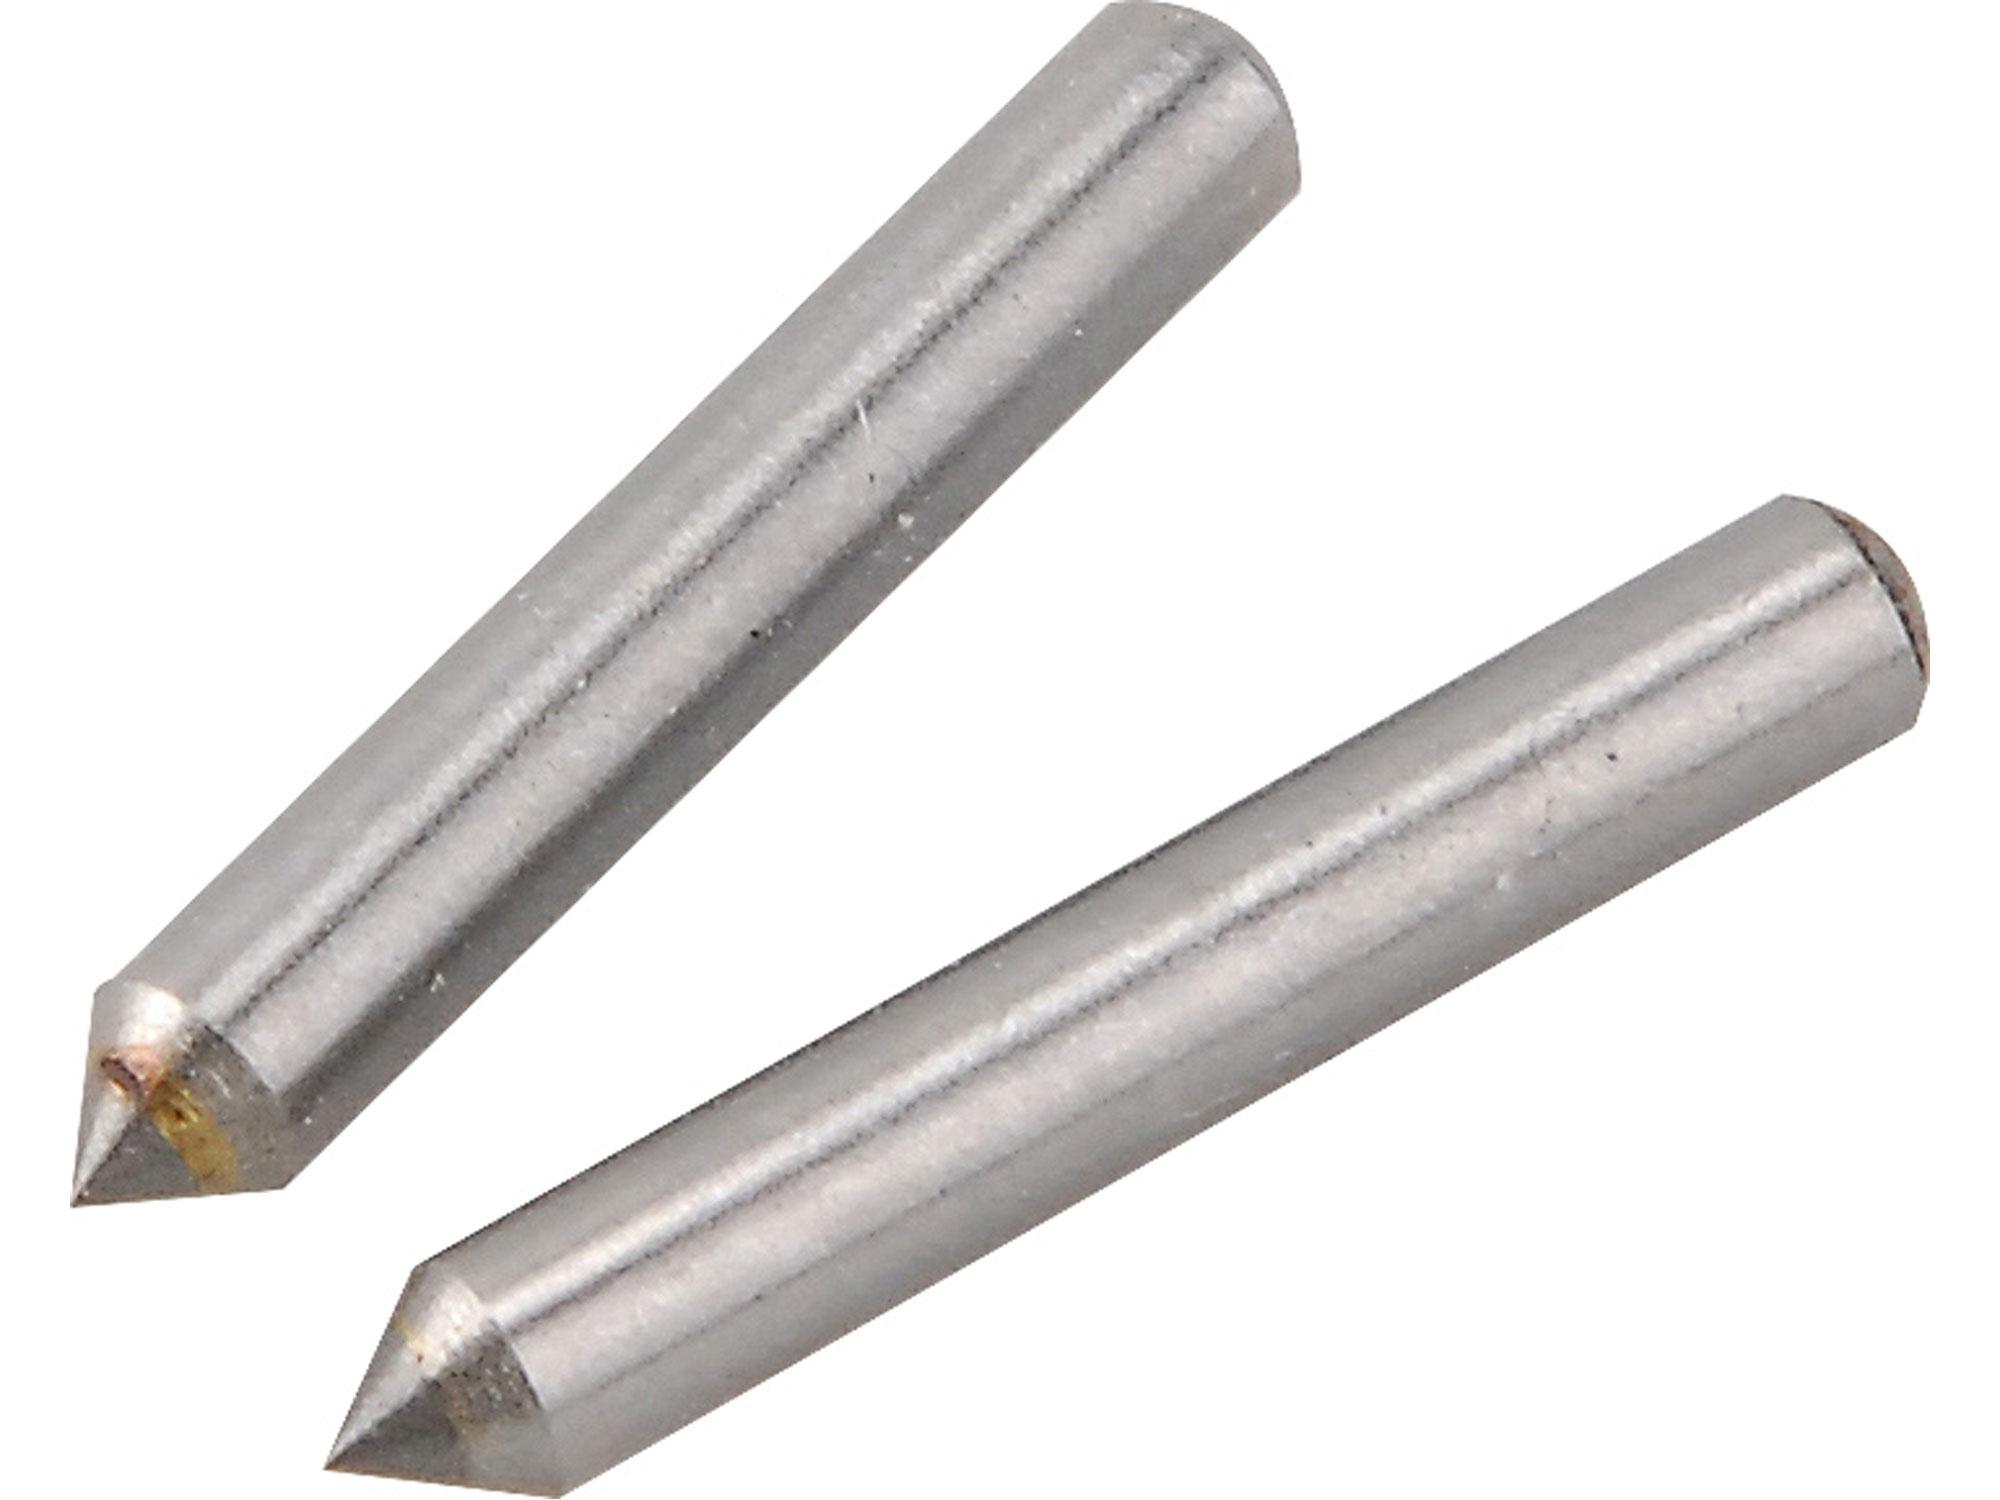 Náhradní hrot, 2ks,∅3,1x21mm, karbid wolframu